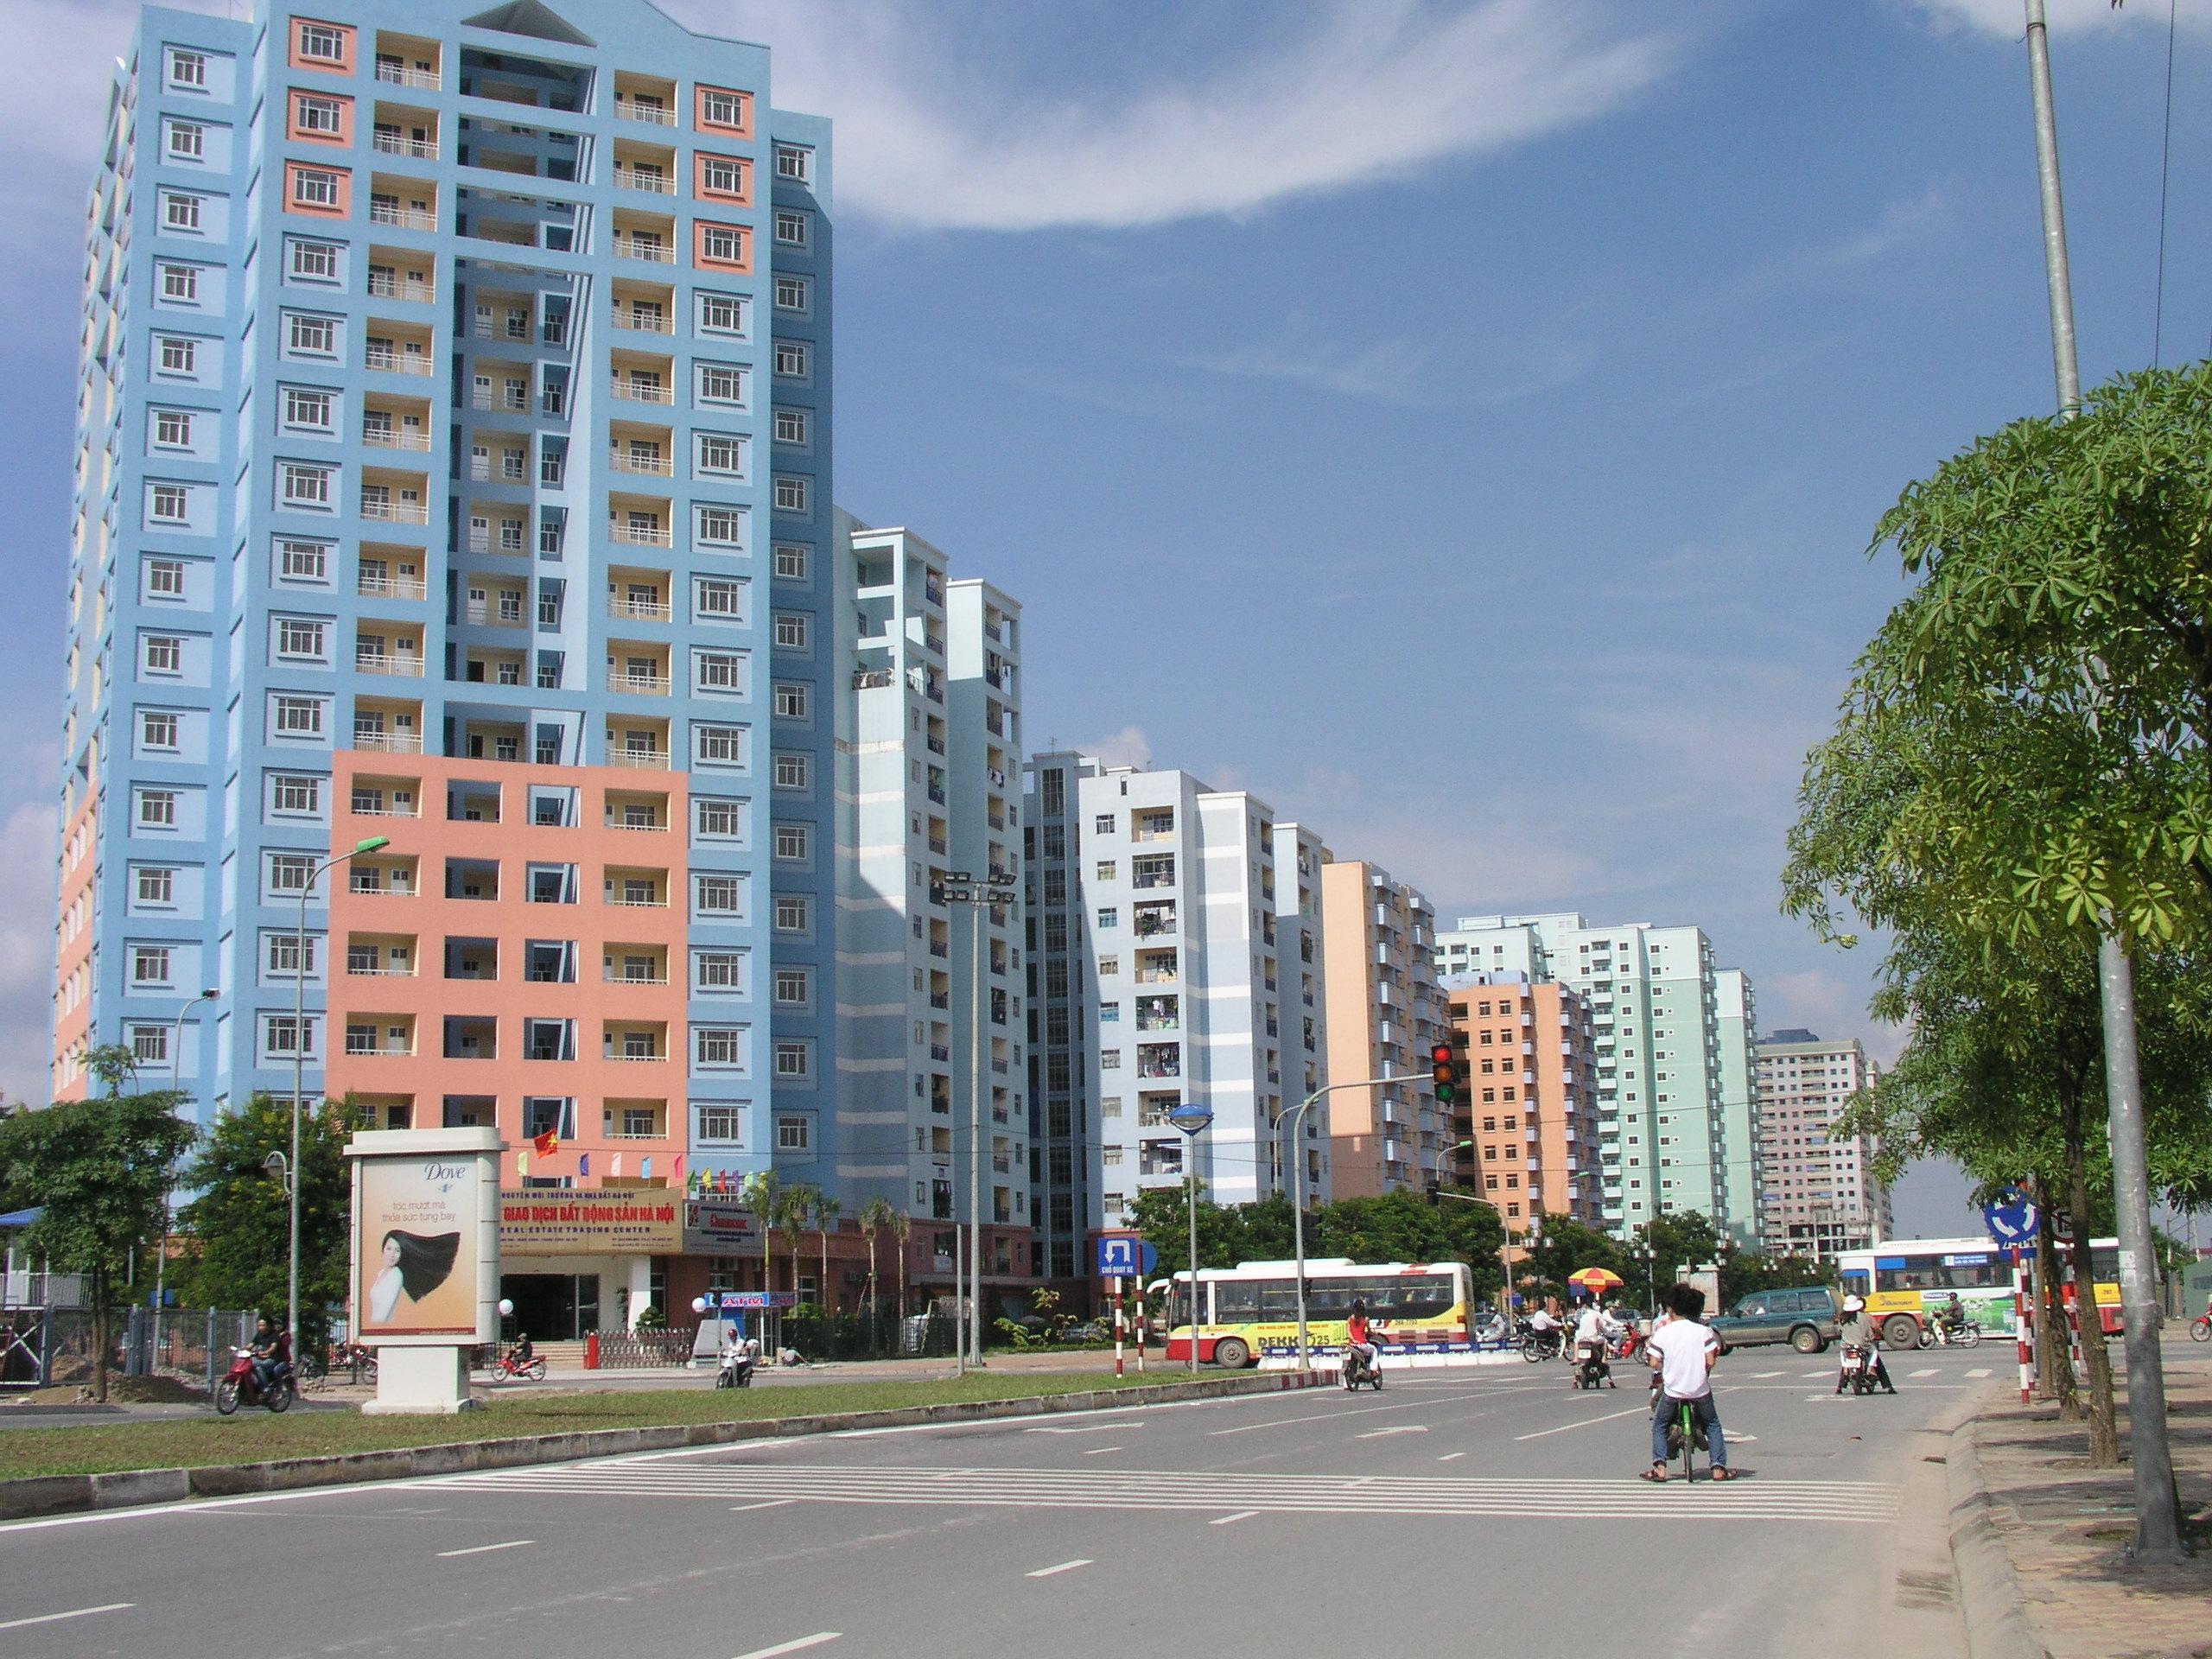 Thị trường bất động sản: Chuộng căn hộ giá bình dân